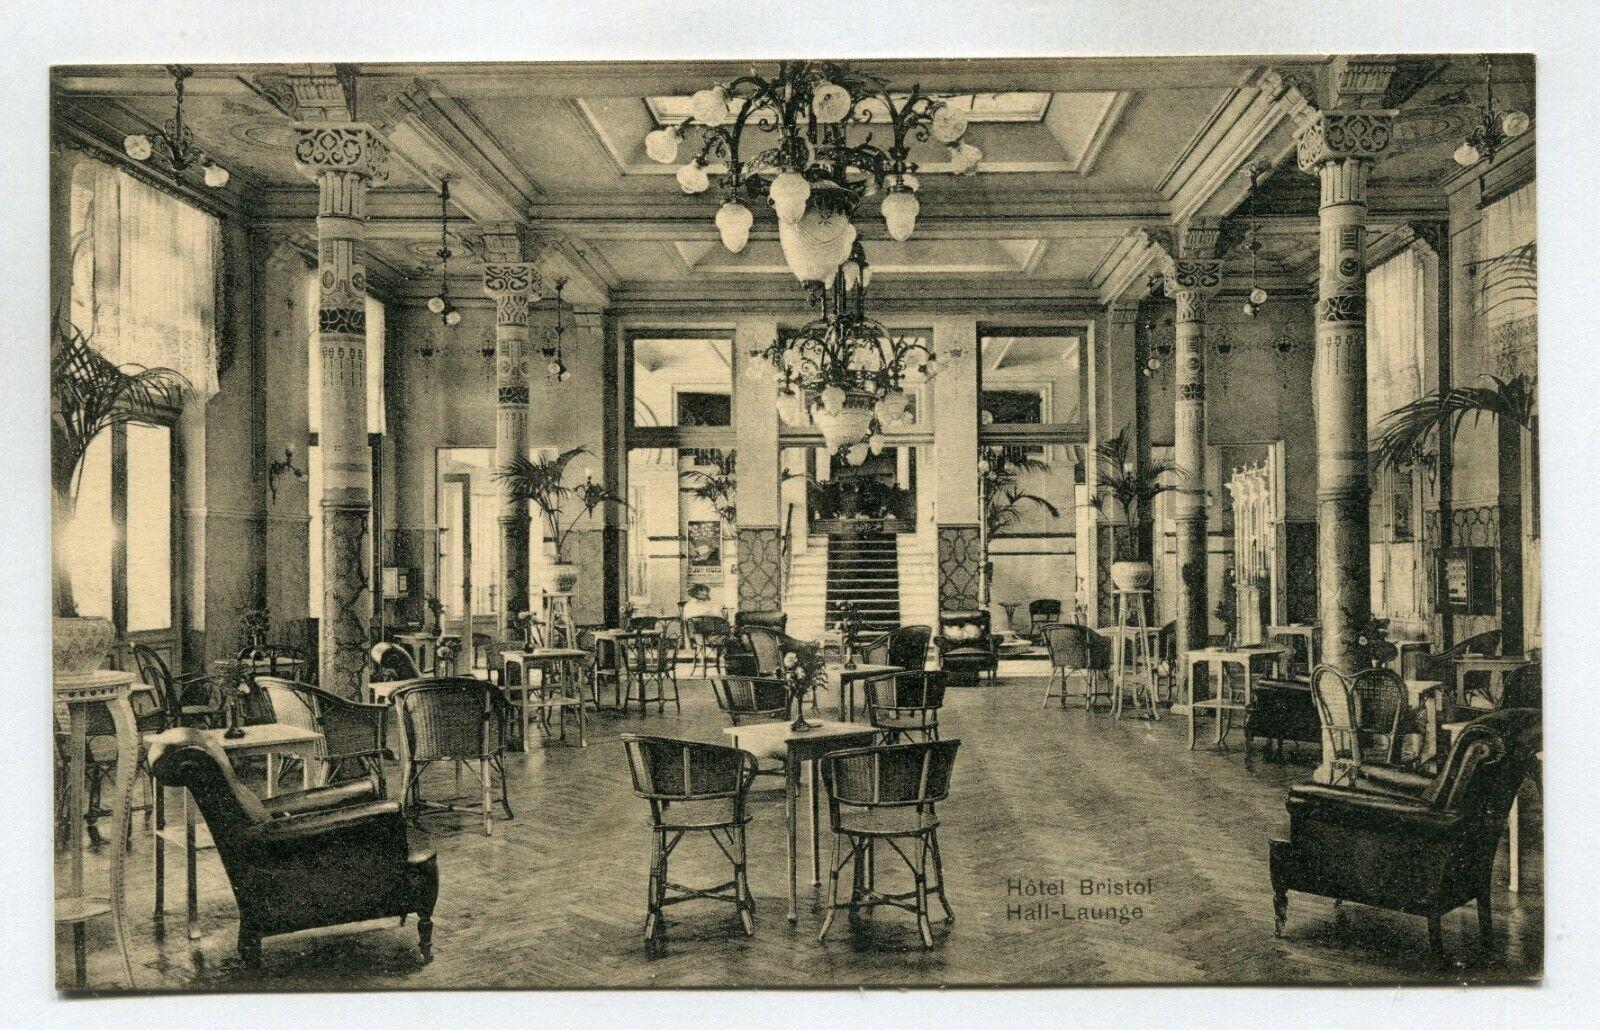 CPA - Carte Postale - Belgique -Blankenberge-Hôtel Bristol -Hall Launge (SV6483)